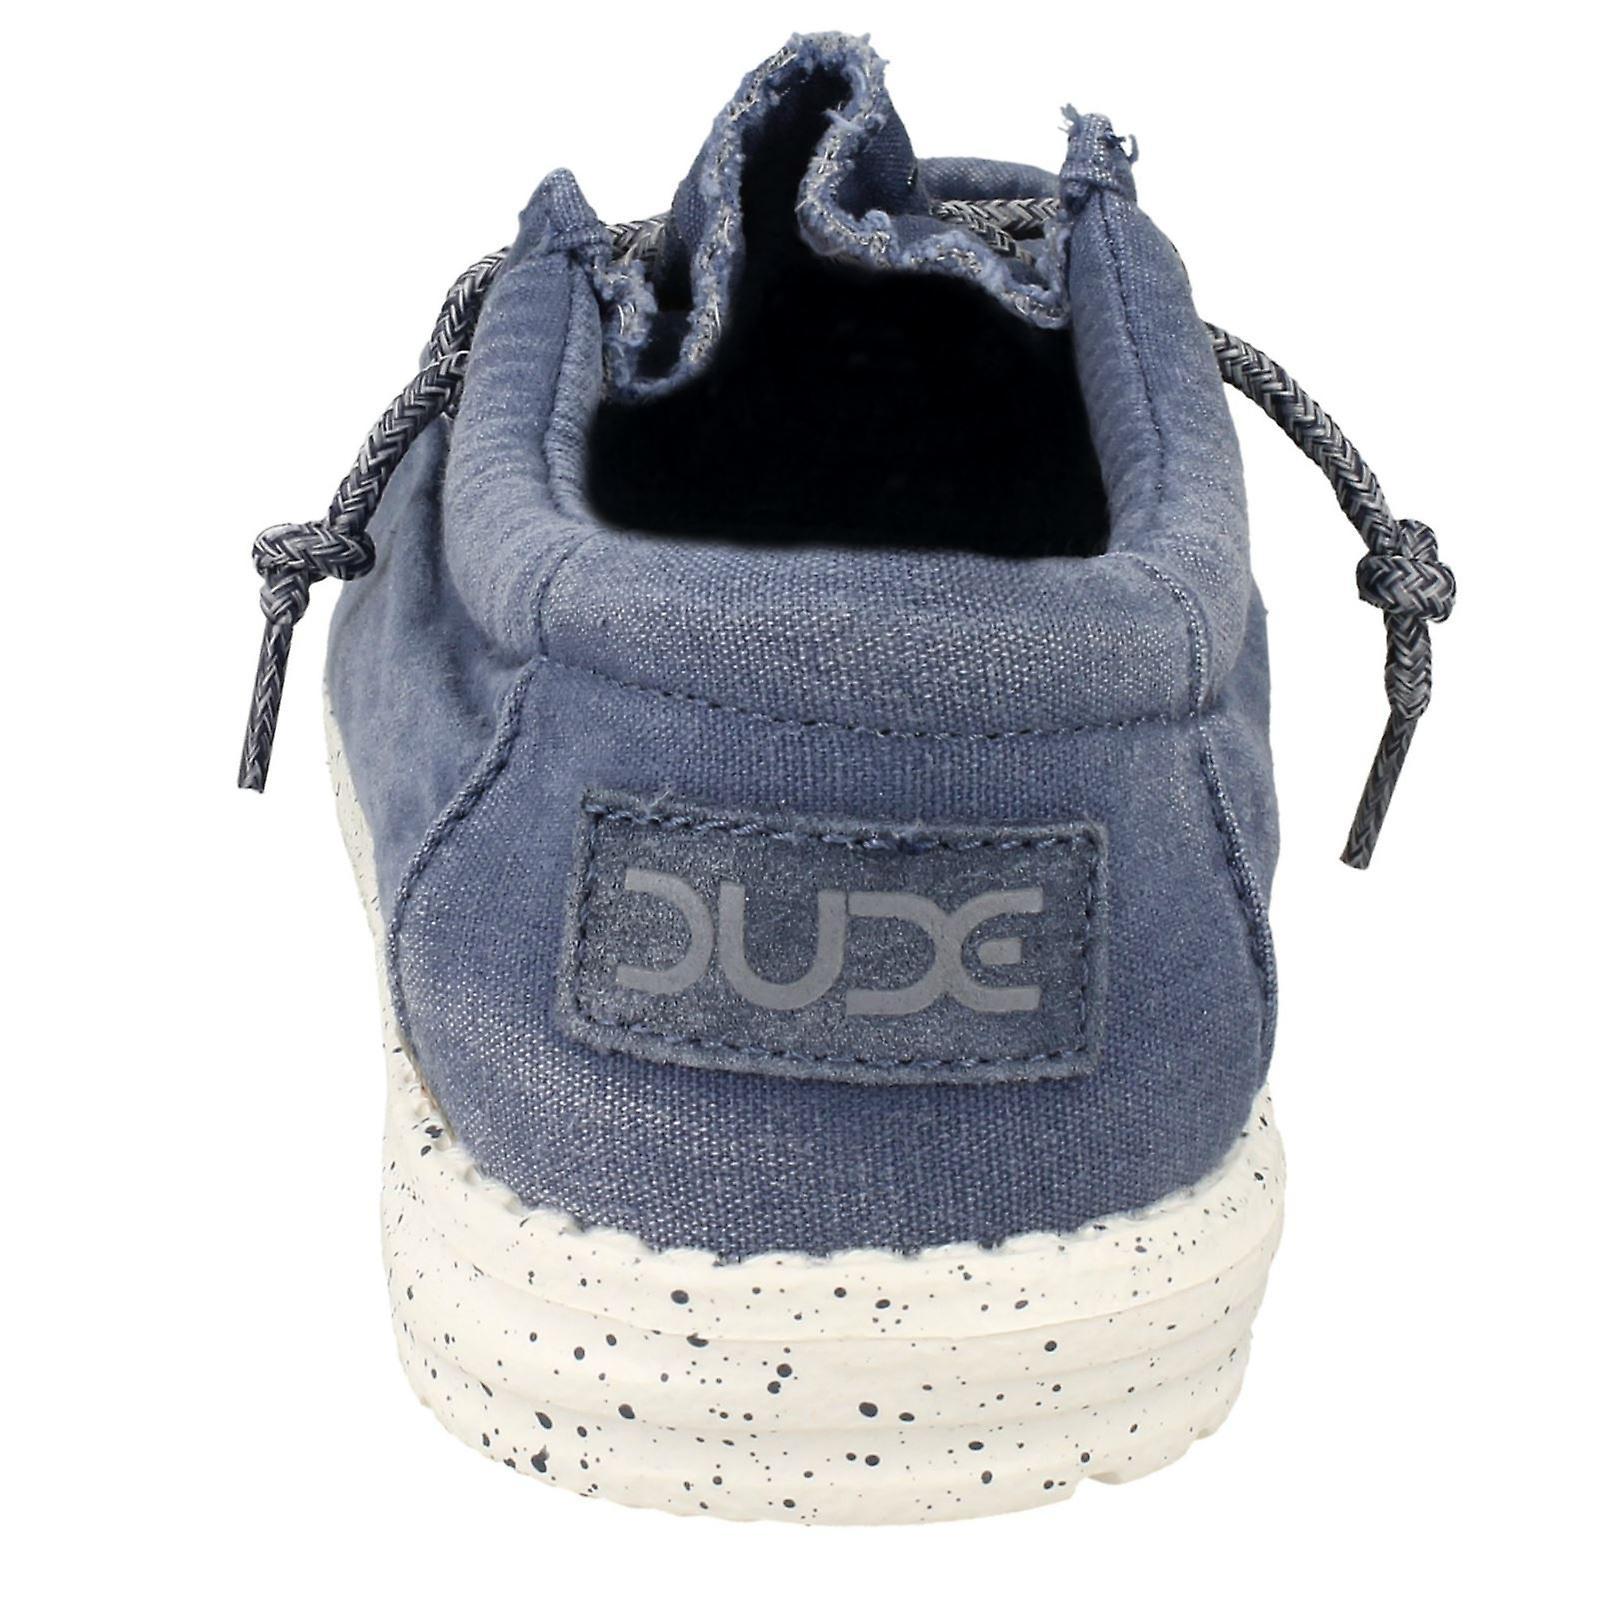 Mens Hey Dude Mokassin Schuhe Wally gewaschen Stahlblau Textil UK Größe 12 EU Größe 46 Größe US 13